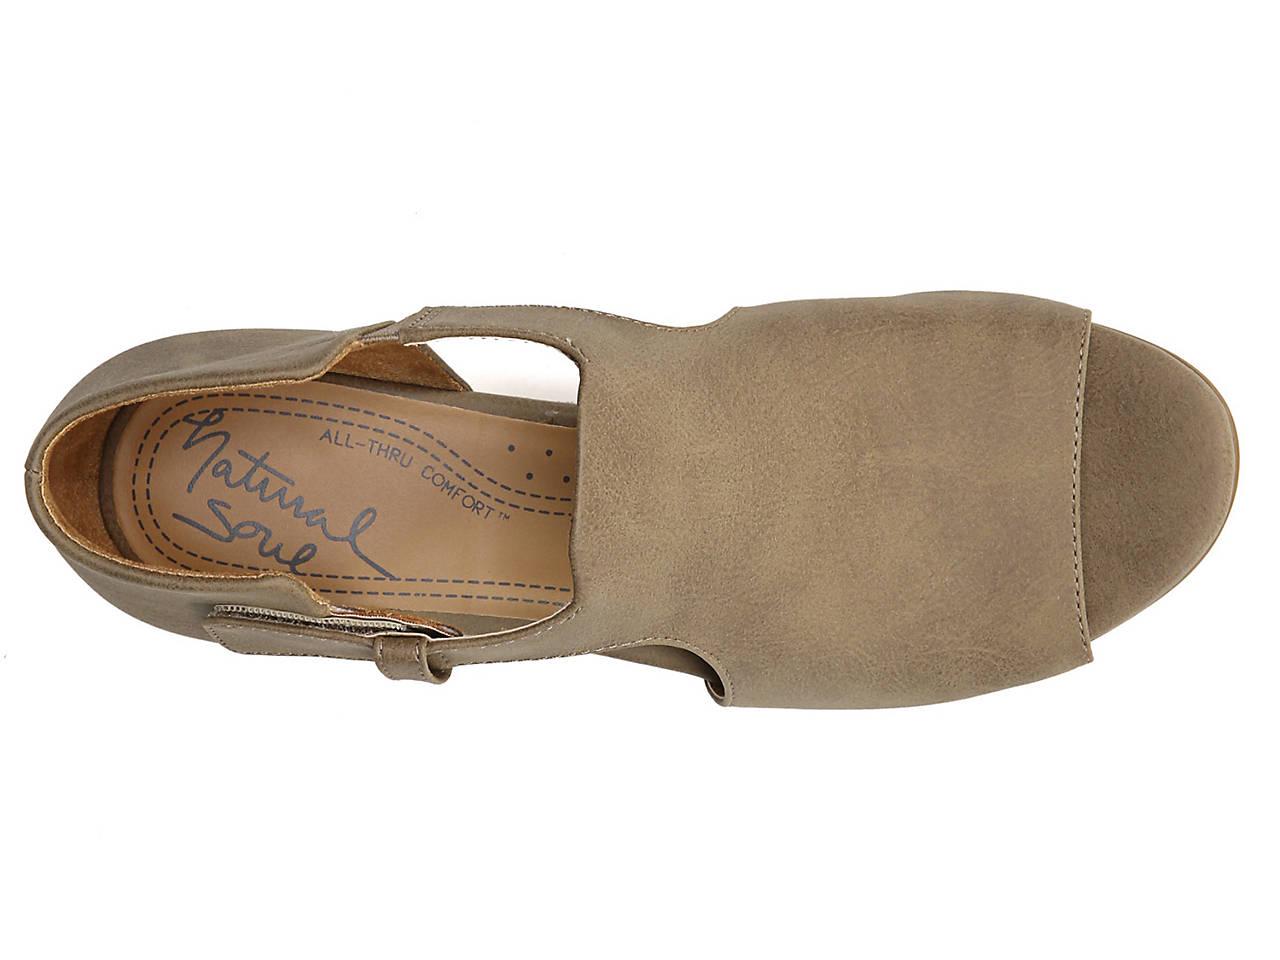 57a670de4c07 Natural Soul Daya Bootie Women s Shoes